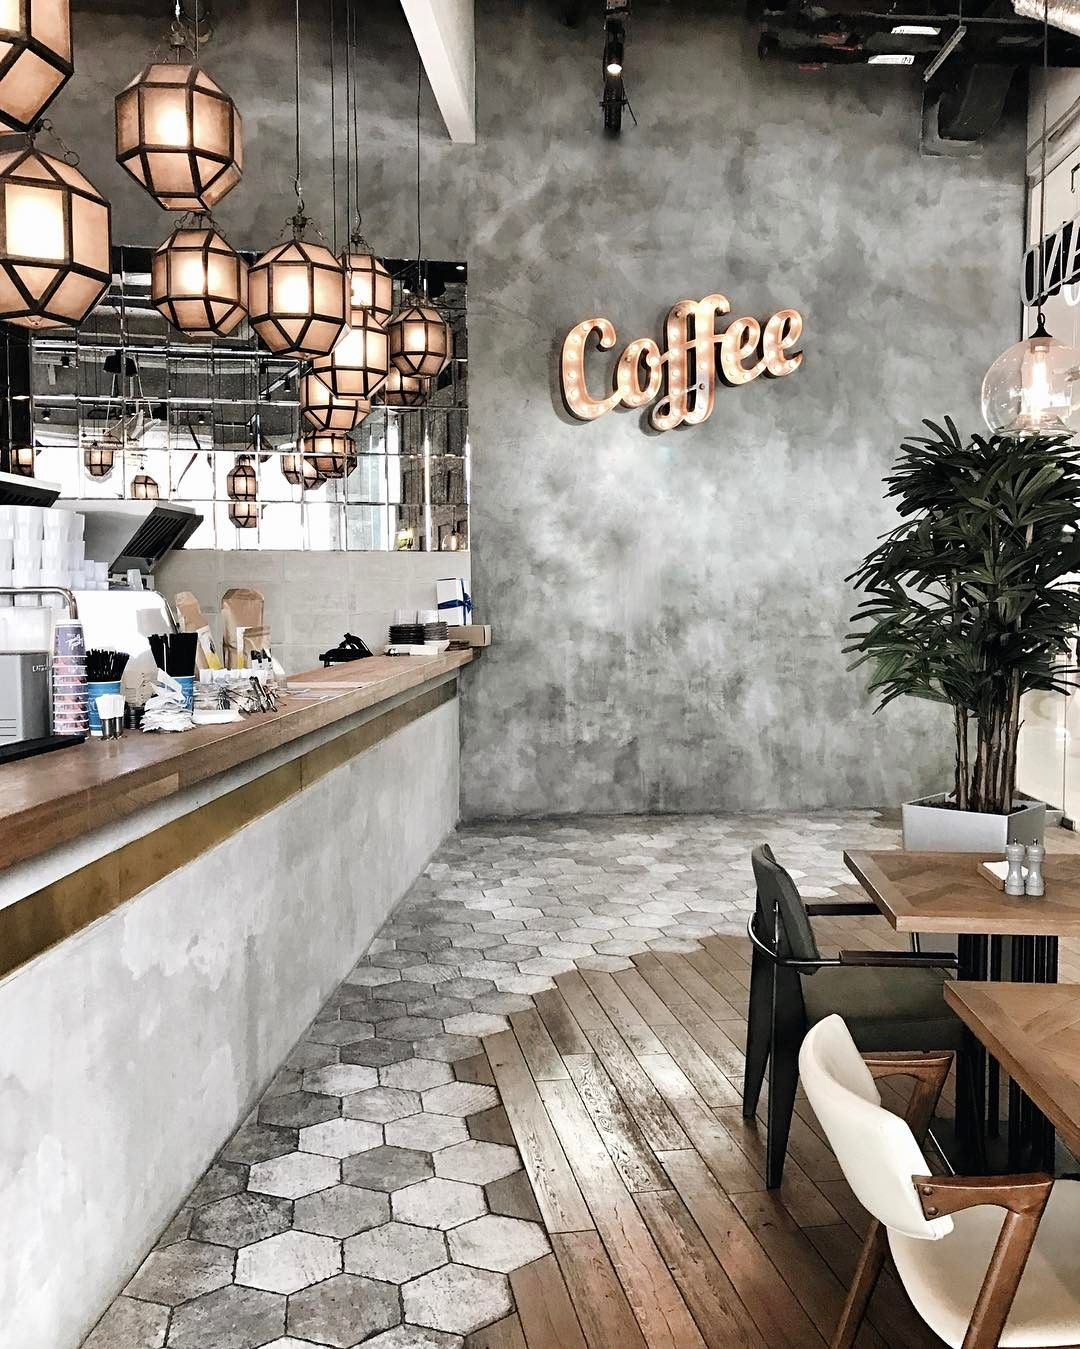 Home Decor Shop Design Ideas: Sveta // Travel + Lifestyle